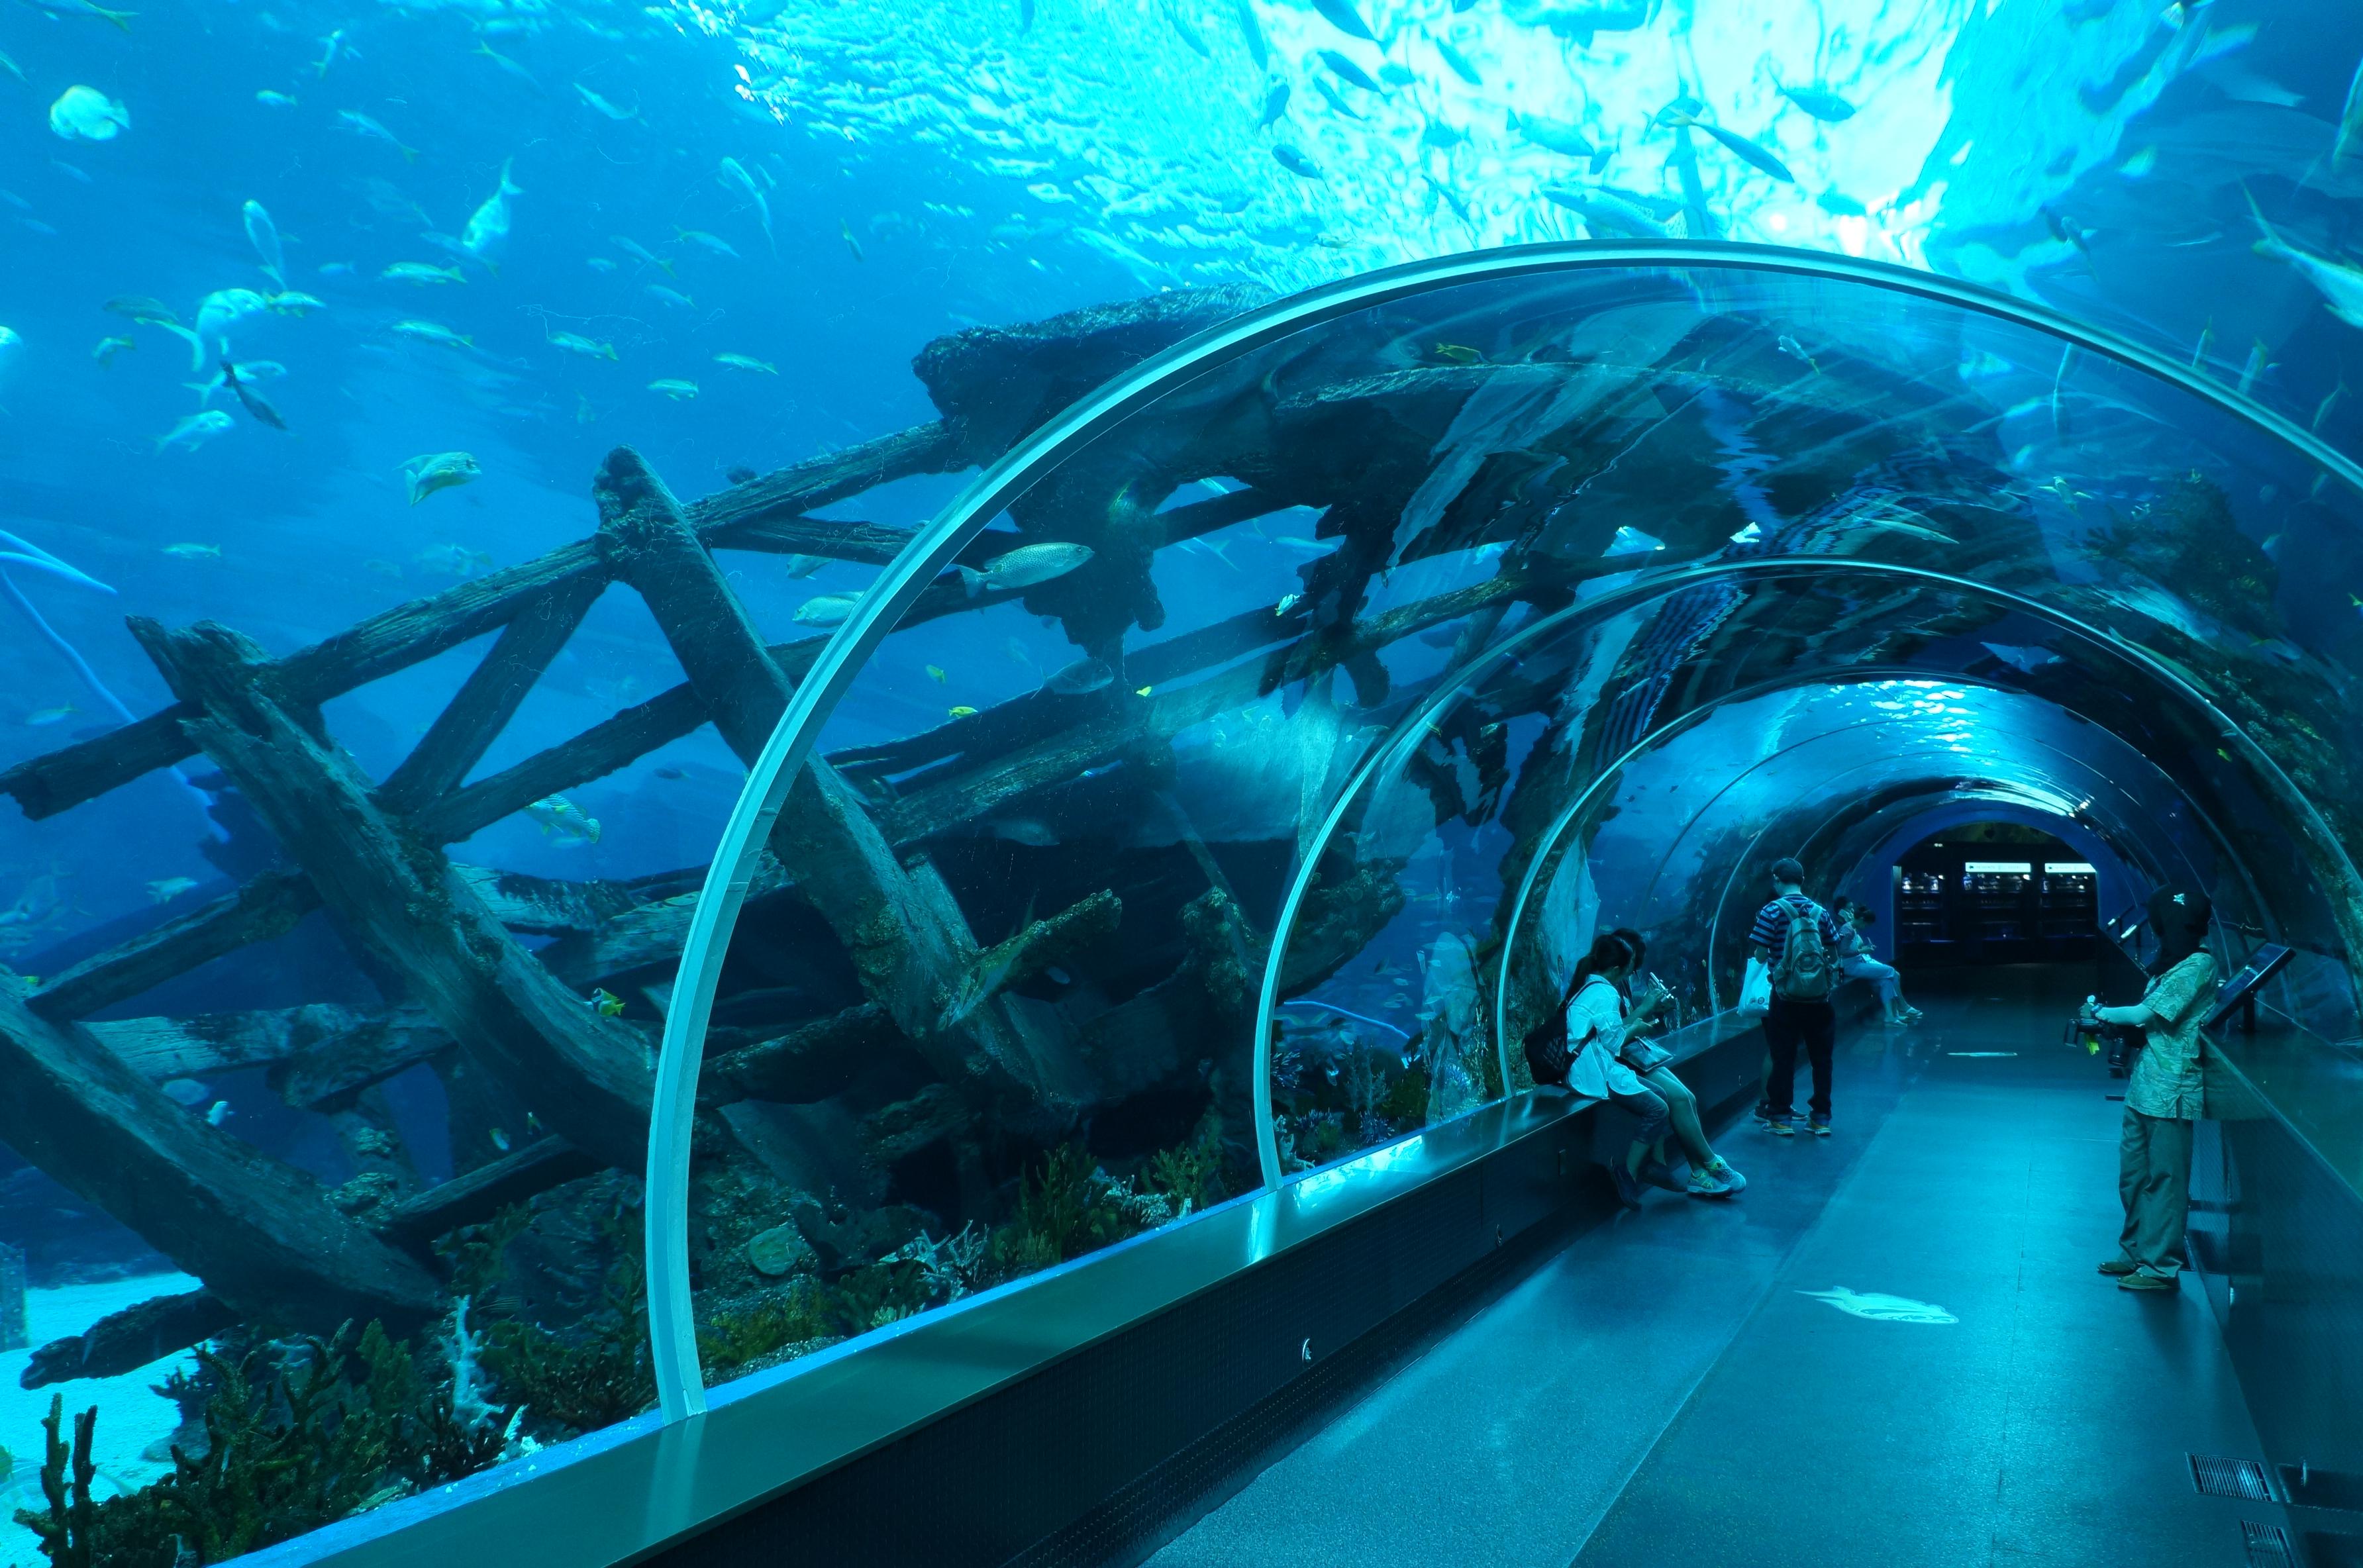 海洋馆外的巨大玻璃窗让游客先睹为快的看到了海底世界的景致,除了游弋的各种鱼类和造型的各种珊瑚,这里还有巨大的沉船。如此的场景布置在曾经游览过的水族馆中还不曾见过,这时才体会到这里真正的是海洋馆,而不是水族馆。在门口的宣传影视片中,一句来自海洋的声音在告诫我们:大自然不需要人类,而人类离不开大自然。当我们在观赏来自海洋的动植物的时候,还真得认真思考这句震撼心灵的话语。走进熟悉造型的海底隧道,在观赏鲨鱼的过程中开始游览。整个海洋馆分区域介绍世界各地著名的海洋流域和鱼类生物,通道两侧的设计和布置都